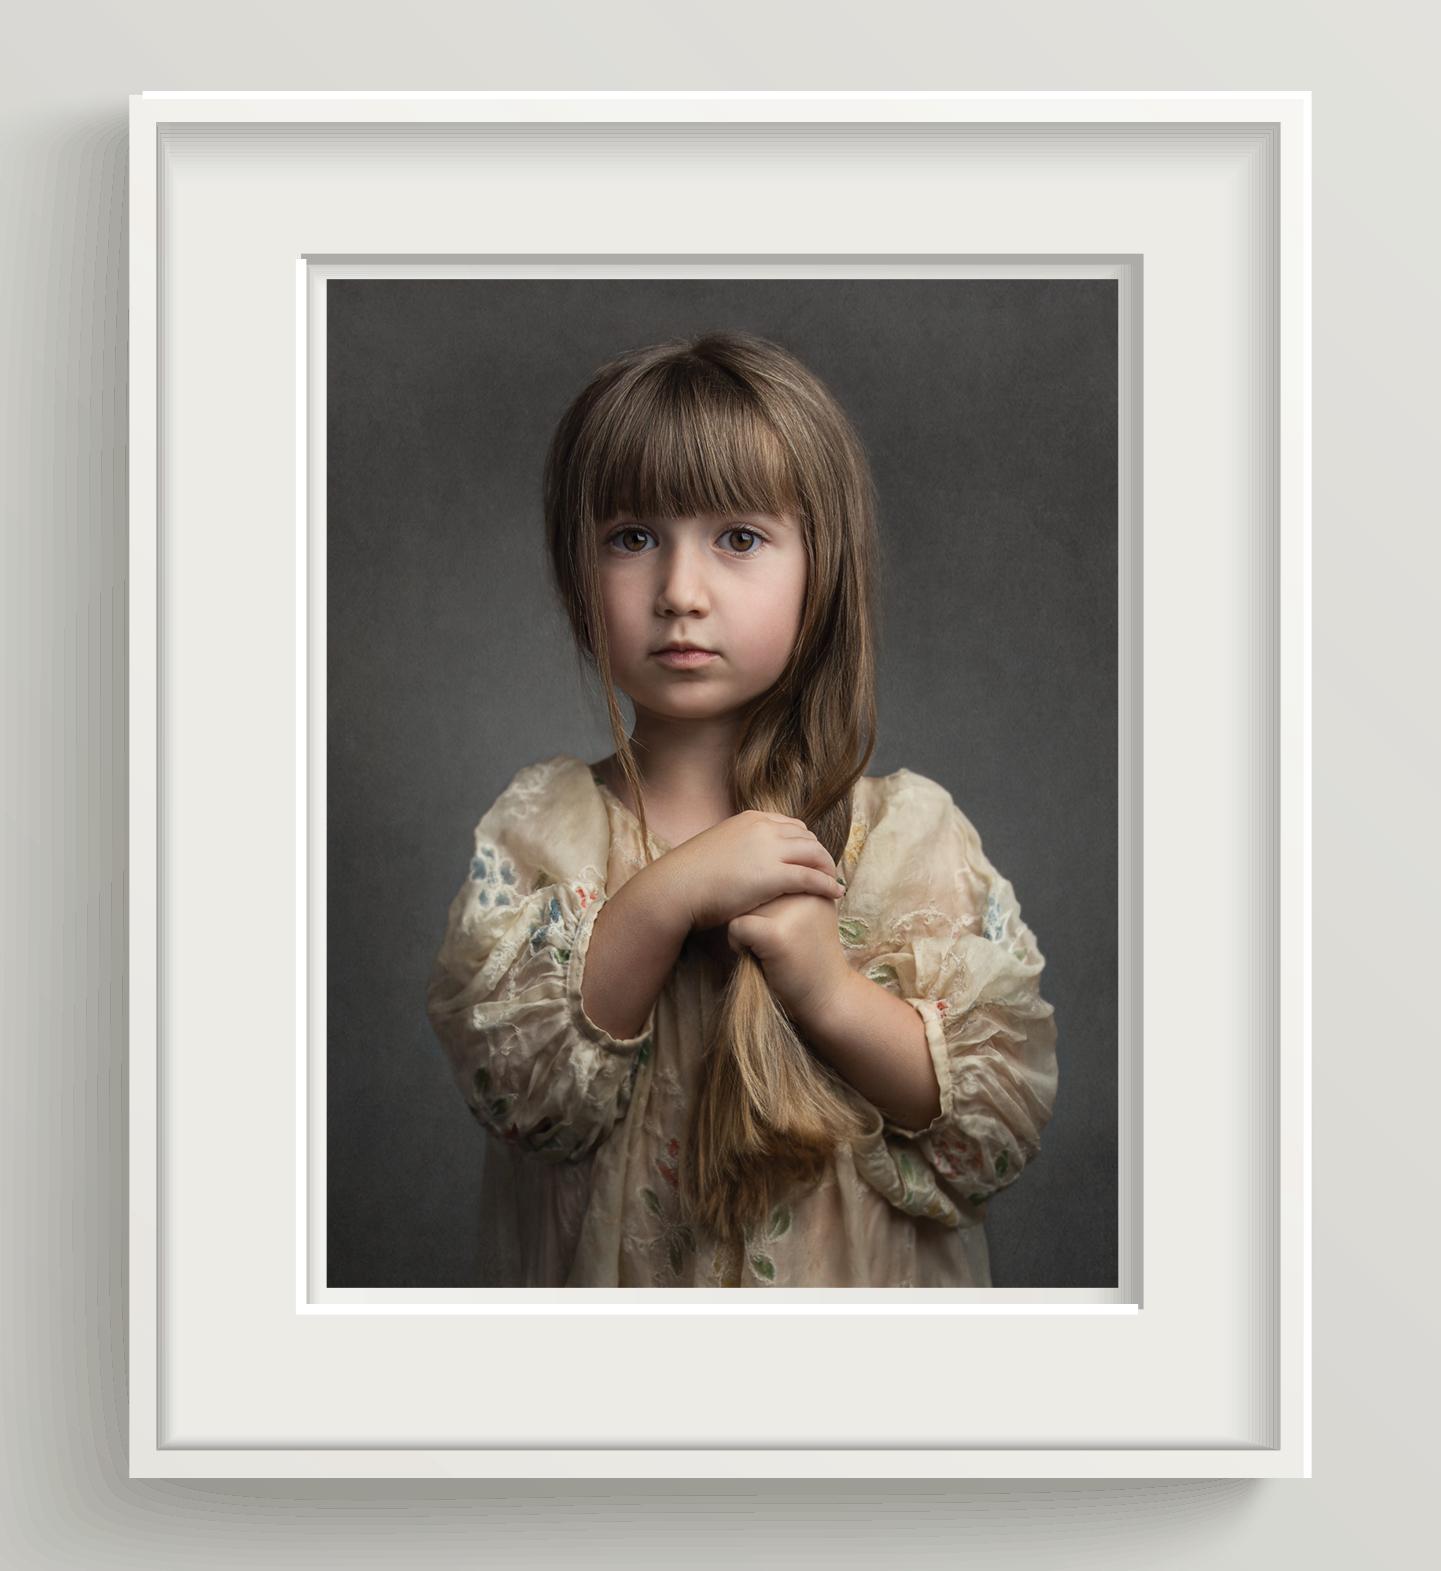 01 |White mat, White matte wooden frame